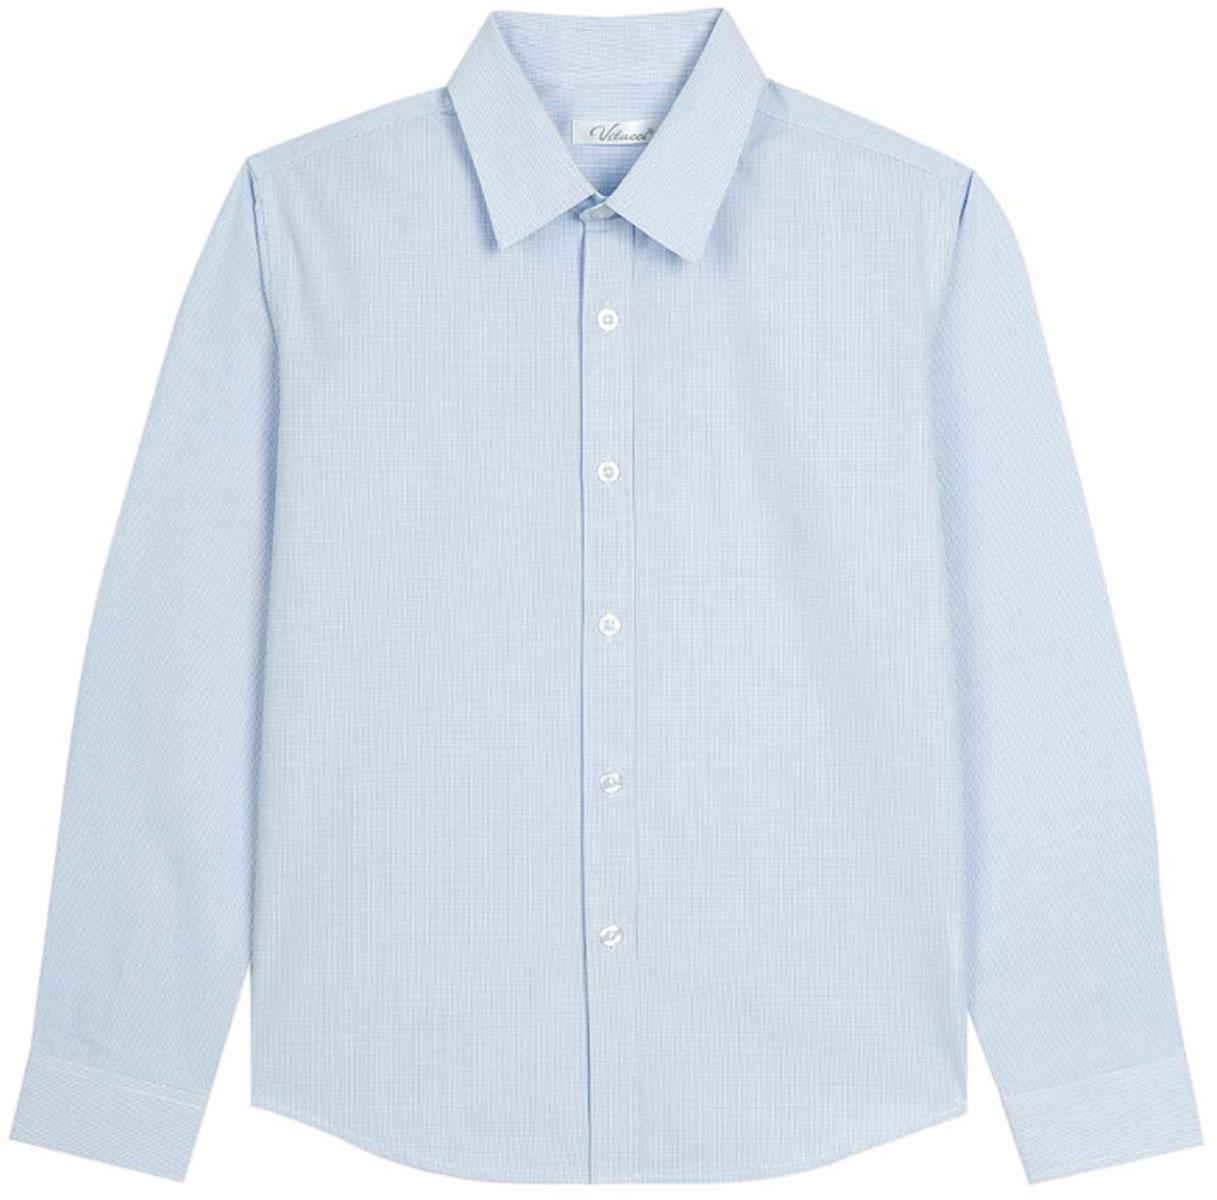 Рубашка для мальчика Vitacci, цвет: голубой. 1173018М-10. Размер 1761173018М-10Рубашка для мальчика выполнена из хлопка и полиэстера. Модель с отложным воротником и длинными рукавами застегивается на пуговицы.